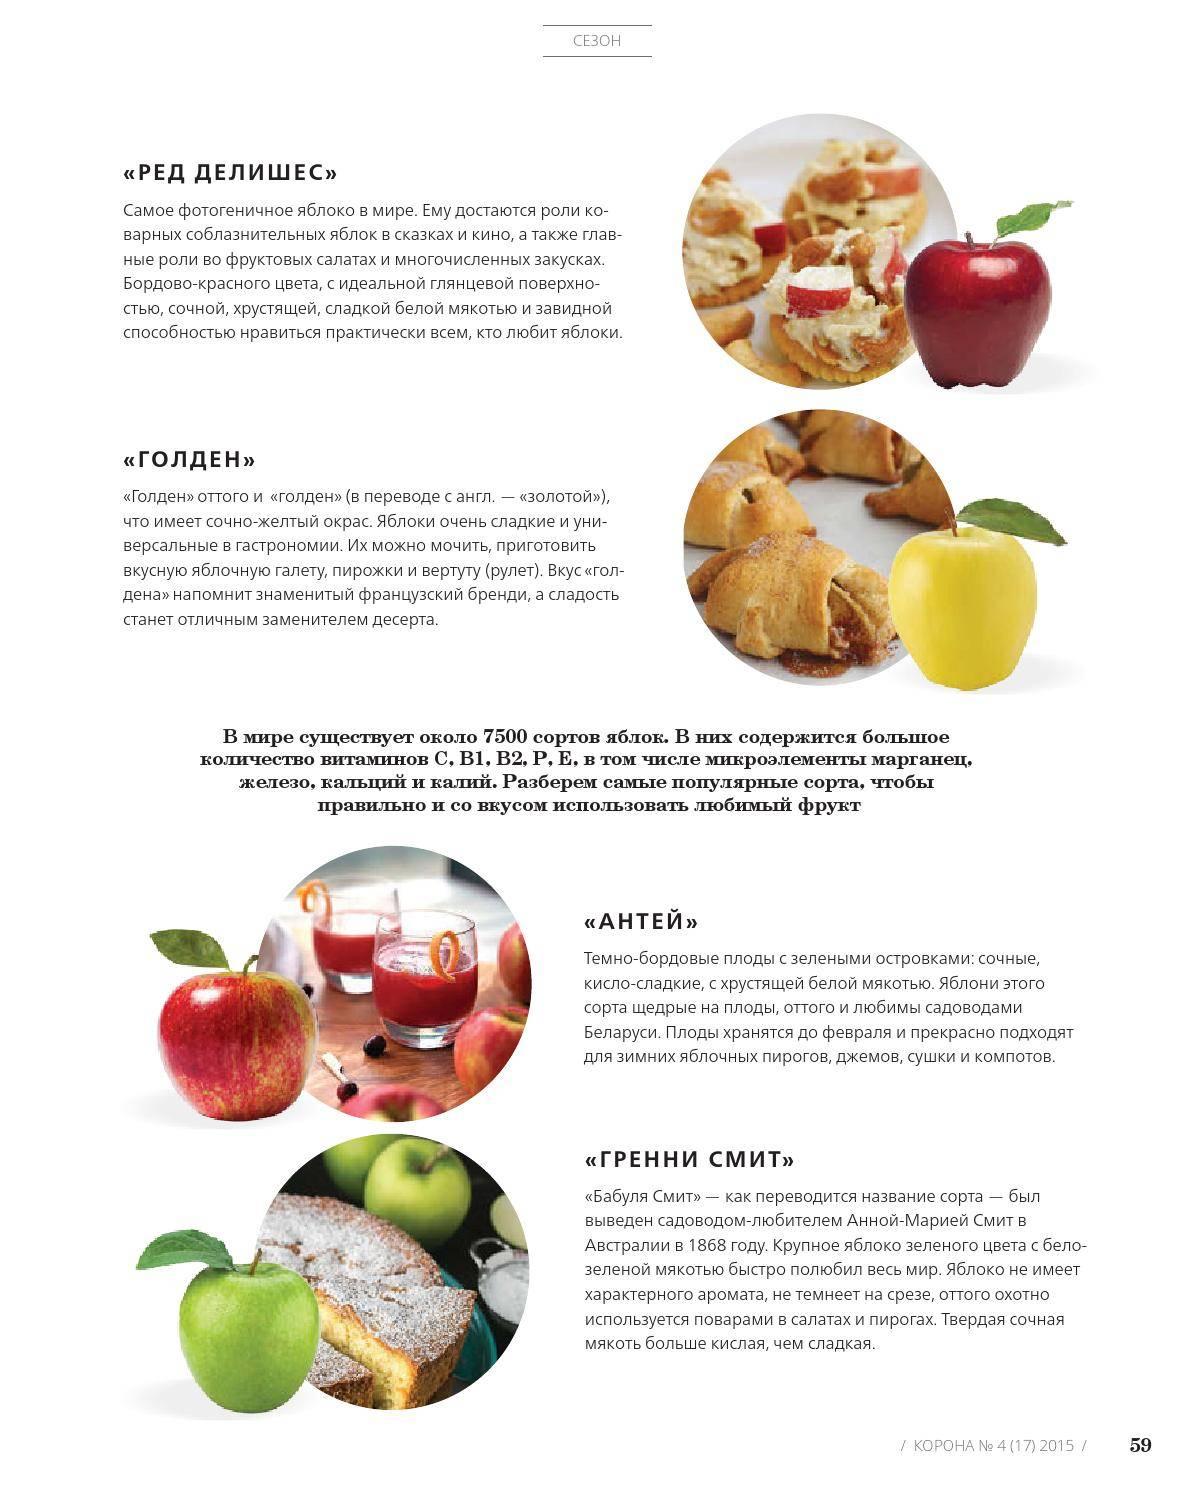 Диагноз по урожаю яблок: что случилось с яблоками?